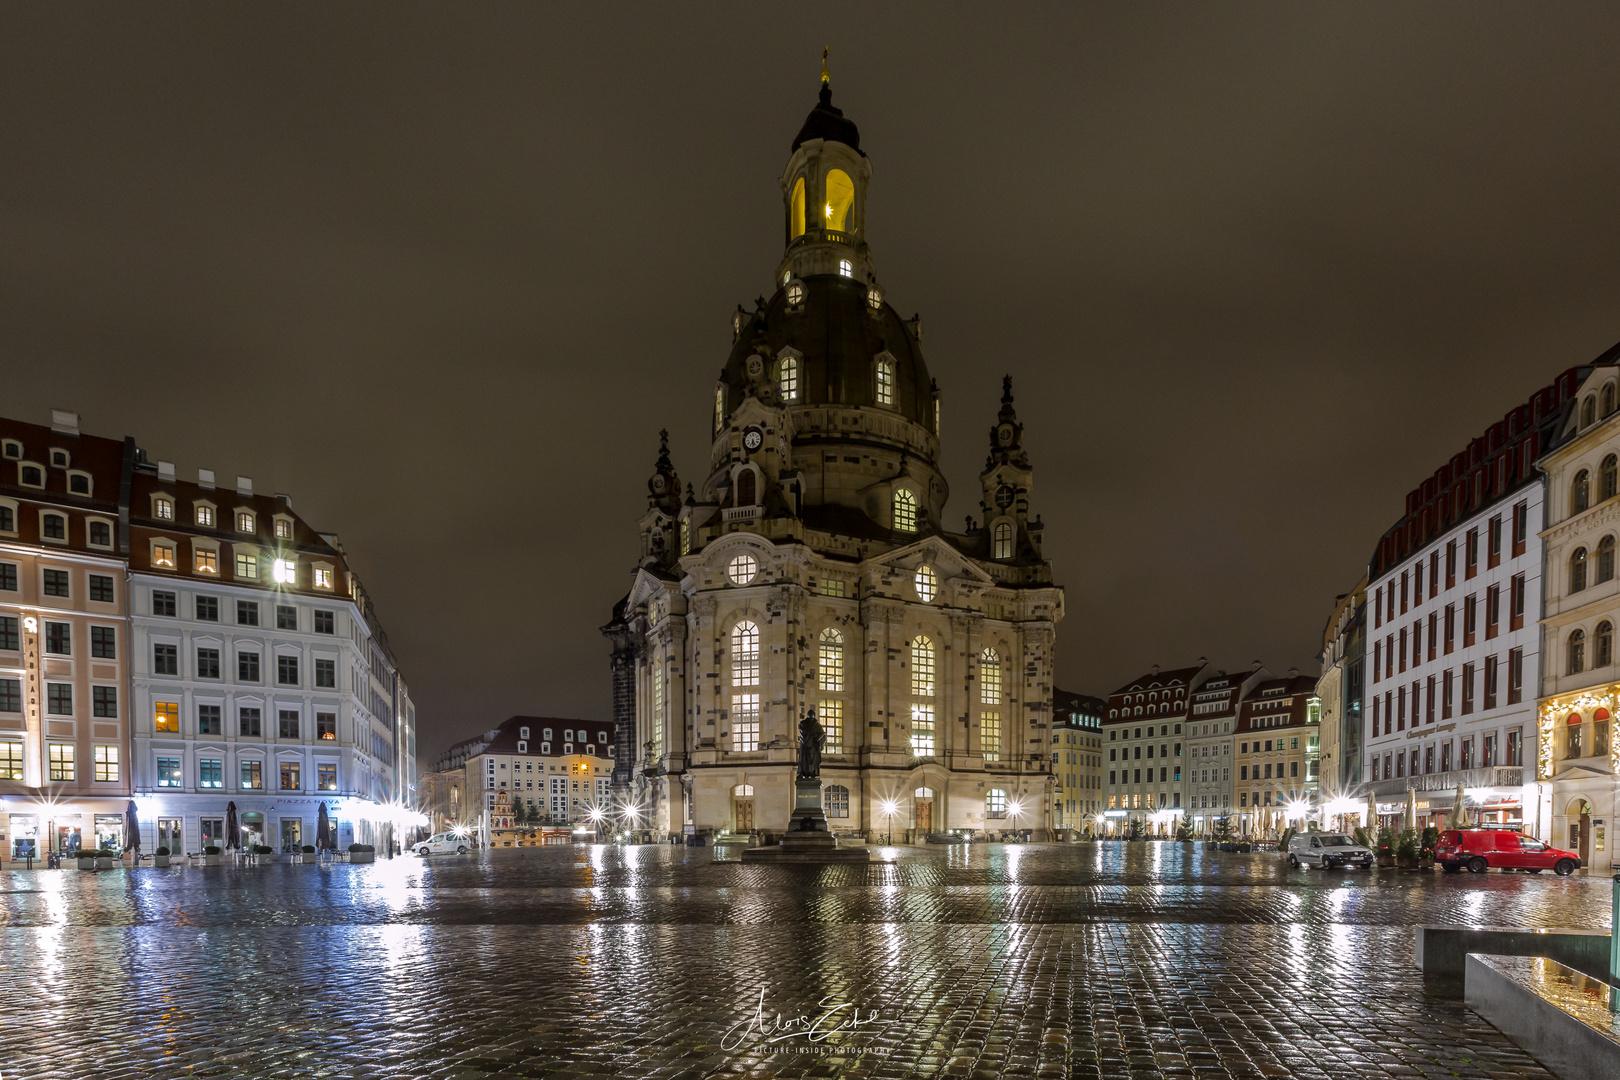 Frauenkirche:Dresden